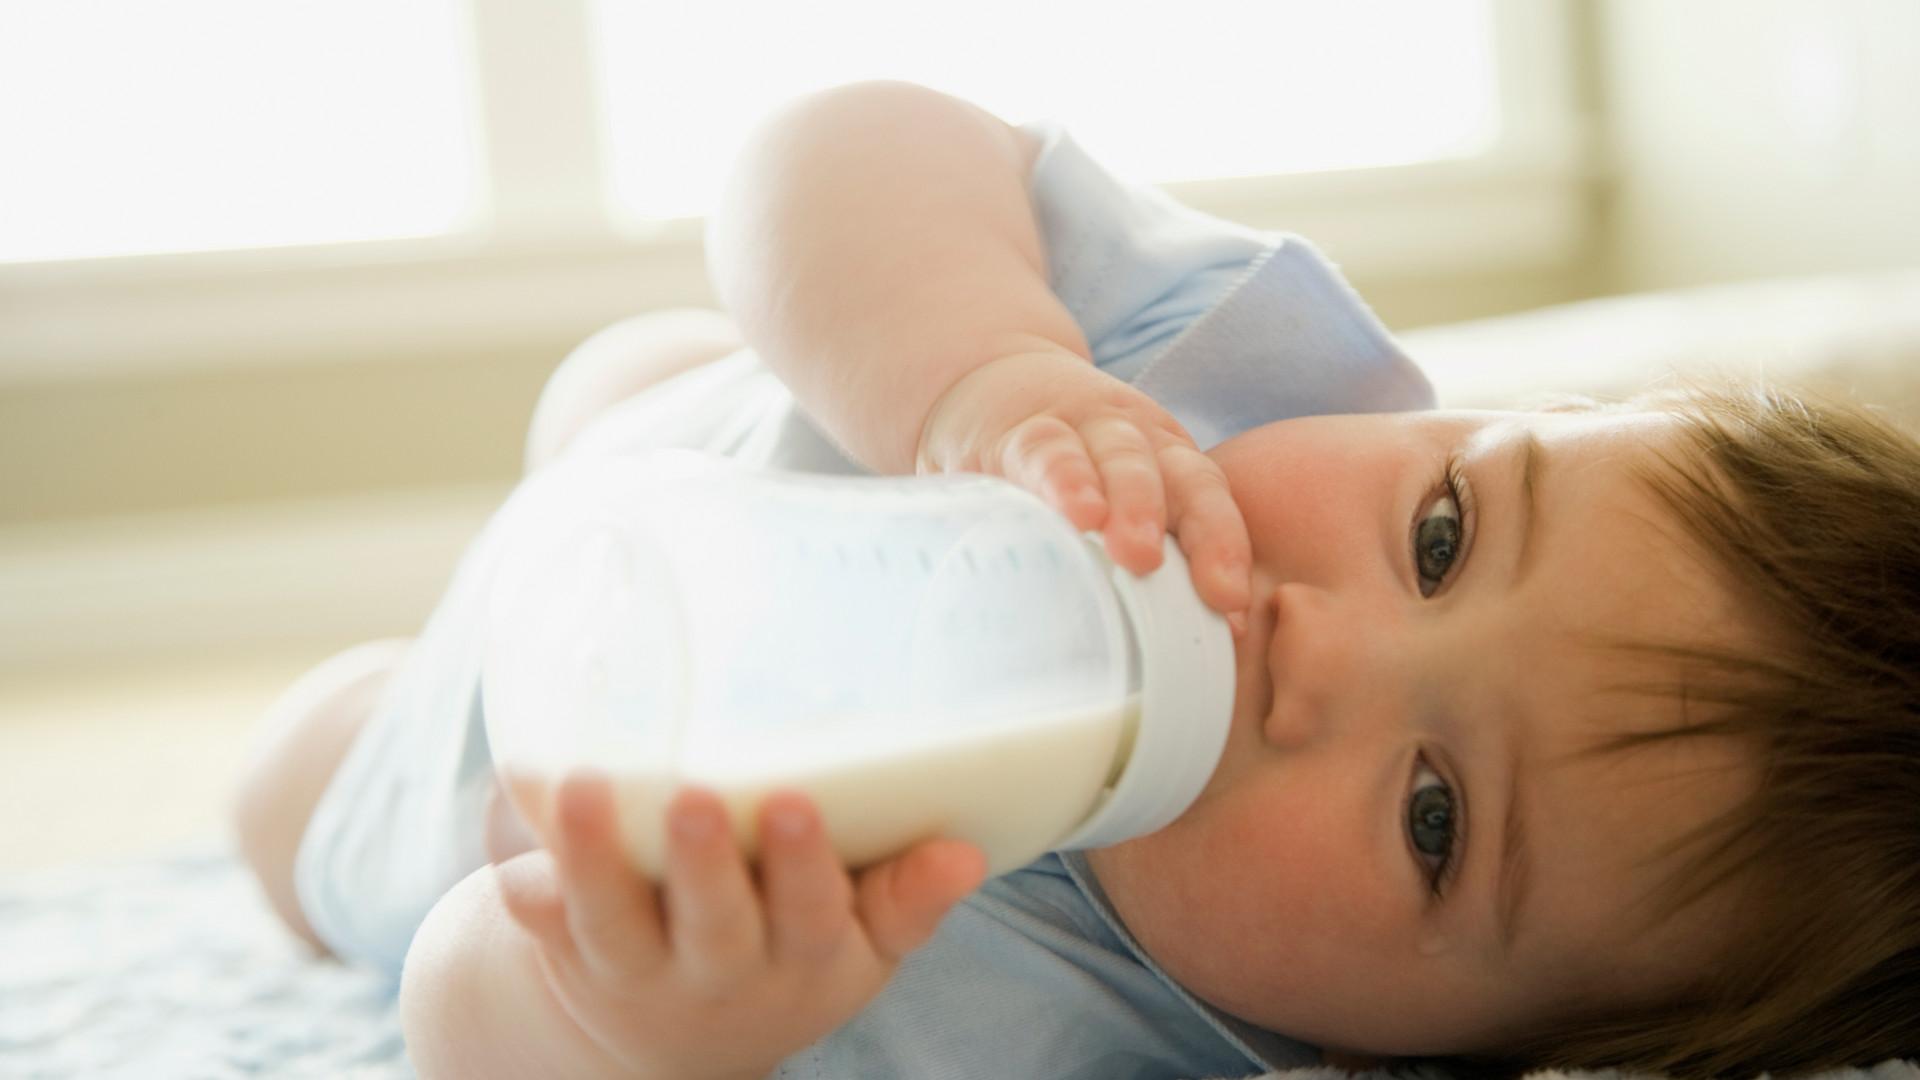 Baby-boy-drinking-milk-from-milk-bottle-